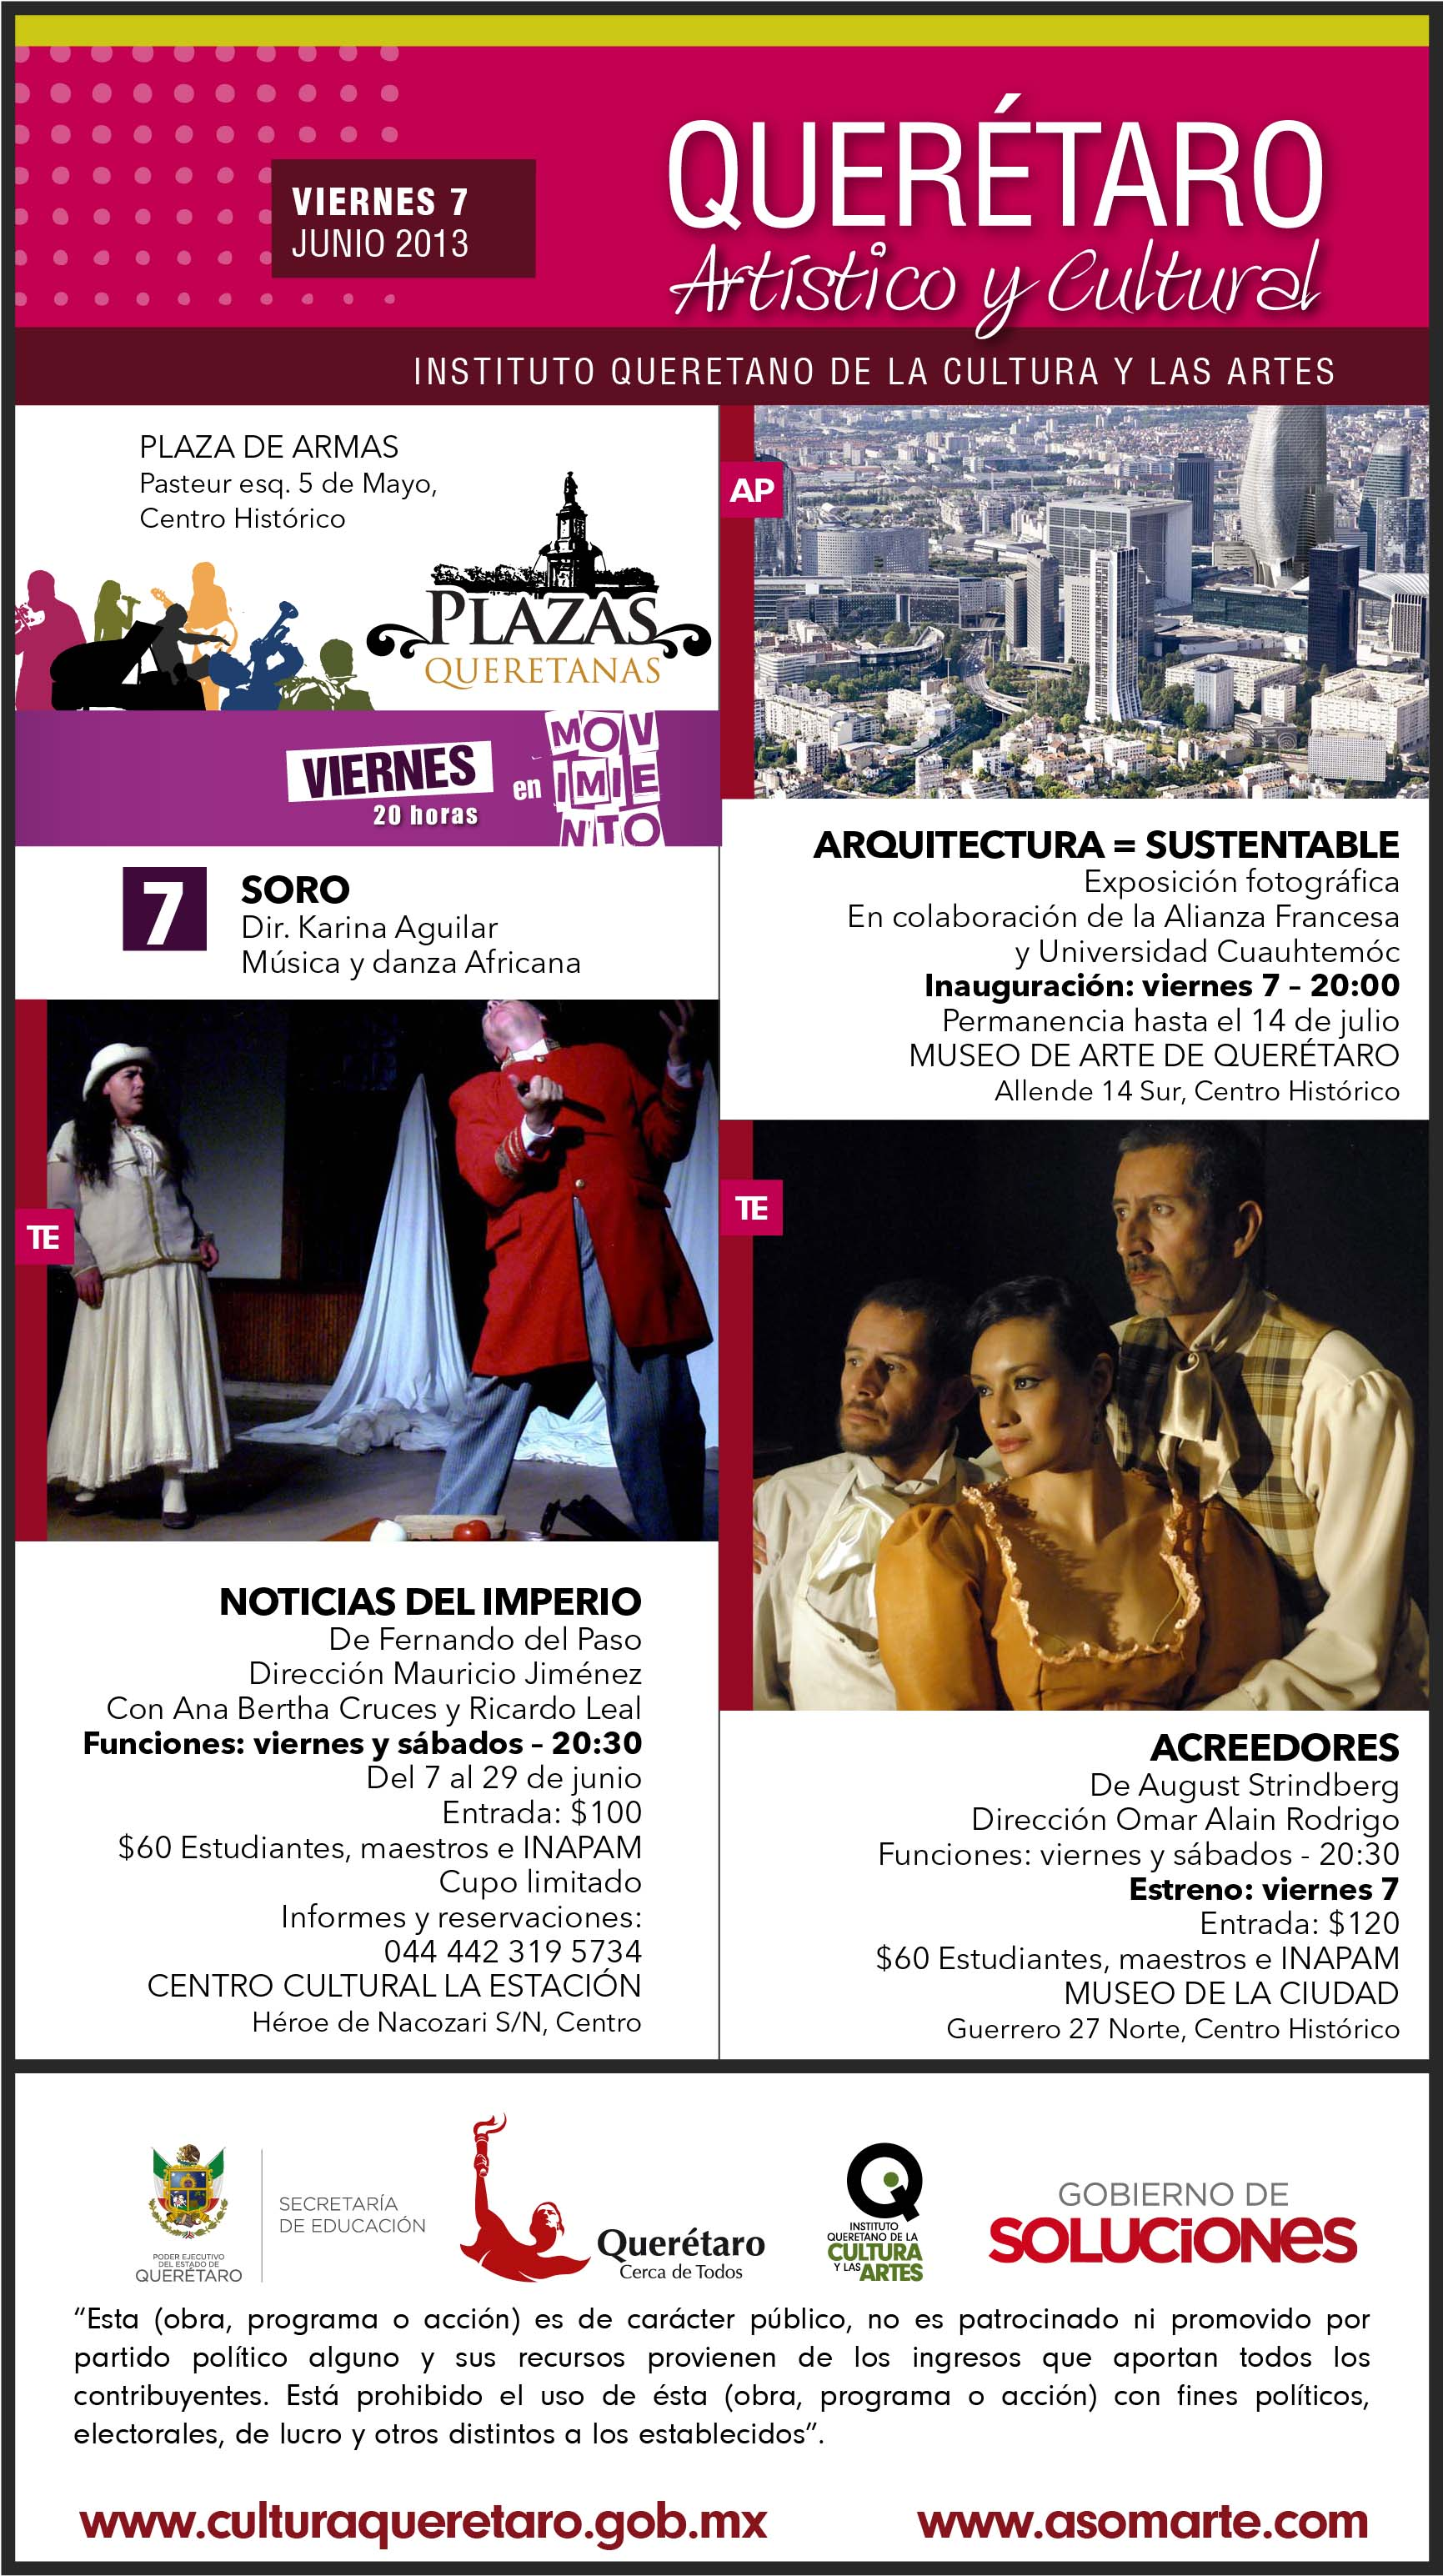 Cartelera Cultural del Viernes 7 de Junio